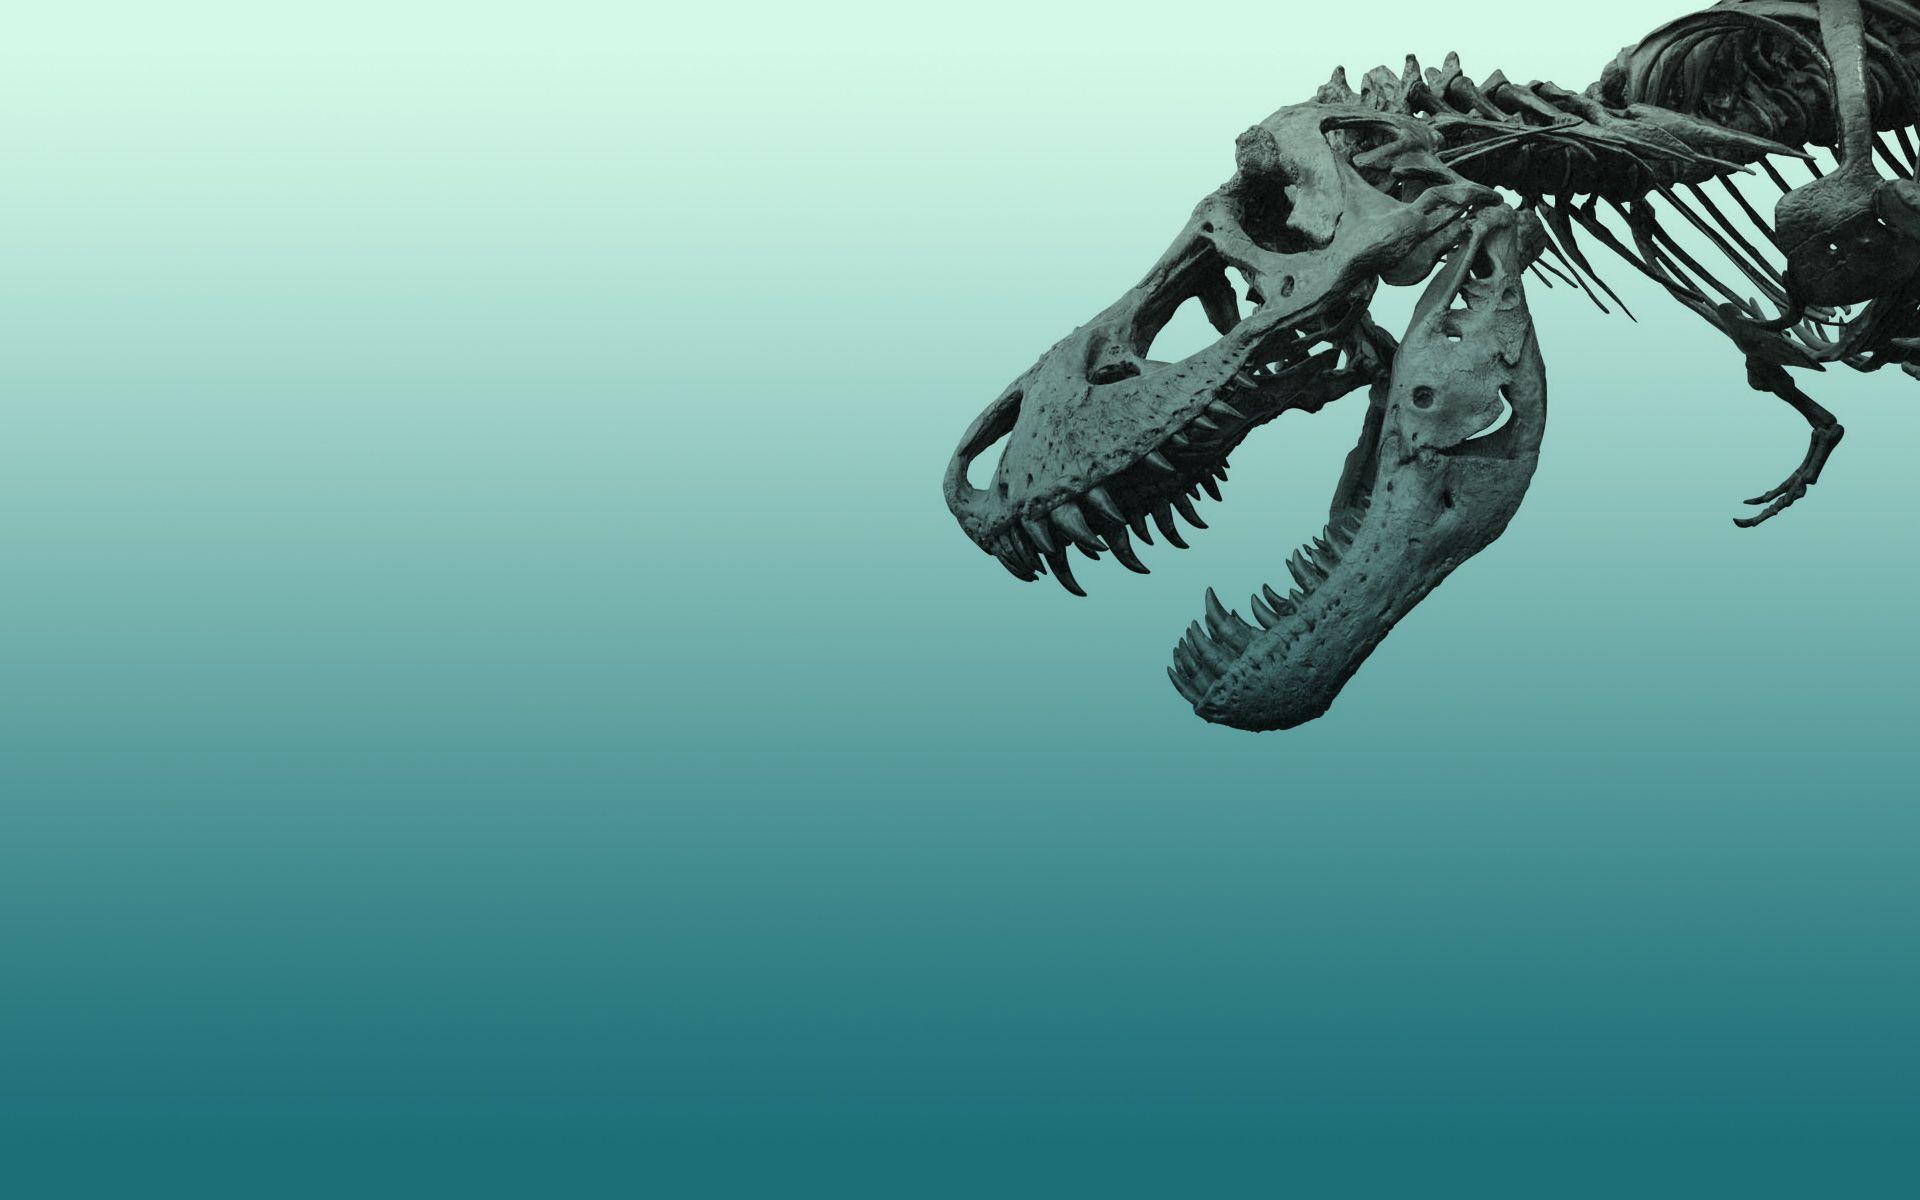 Dinosaur skeleton wallpaper